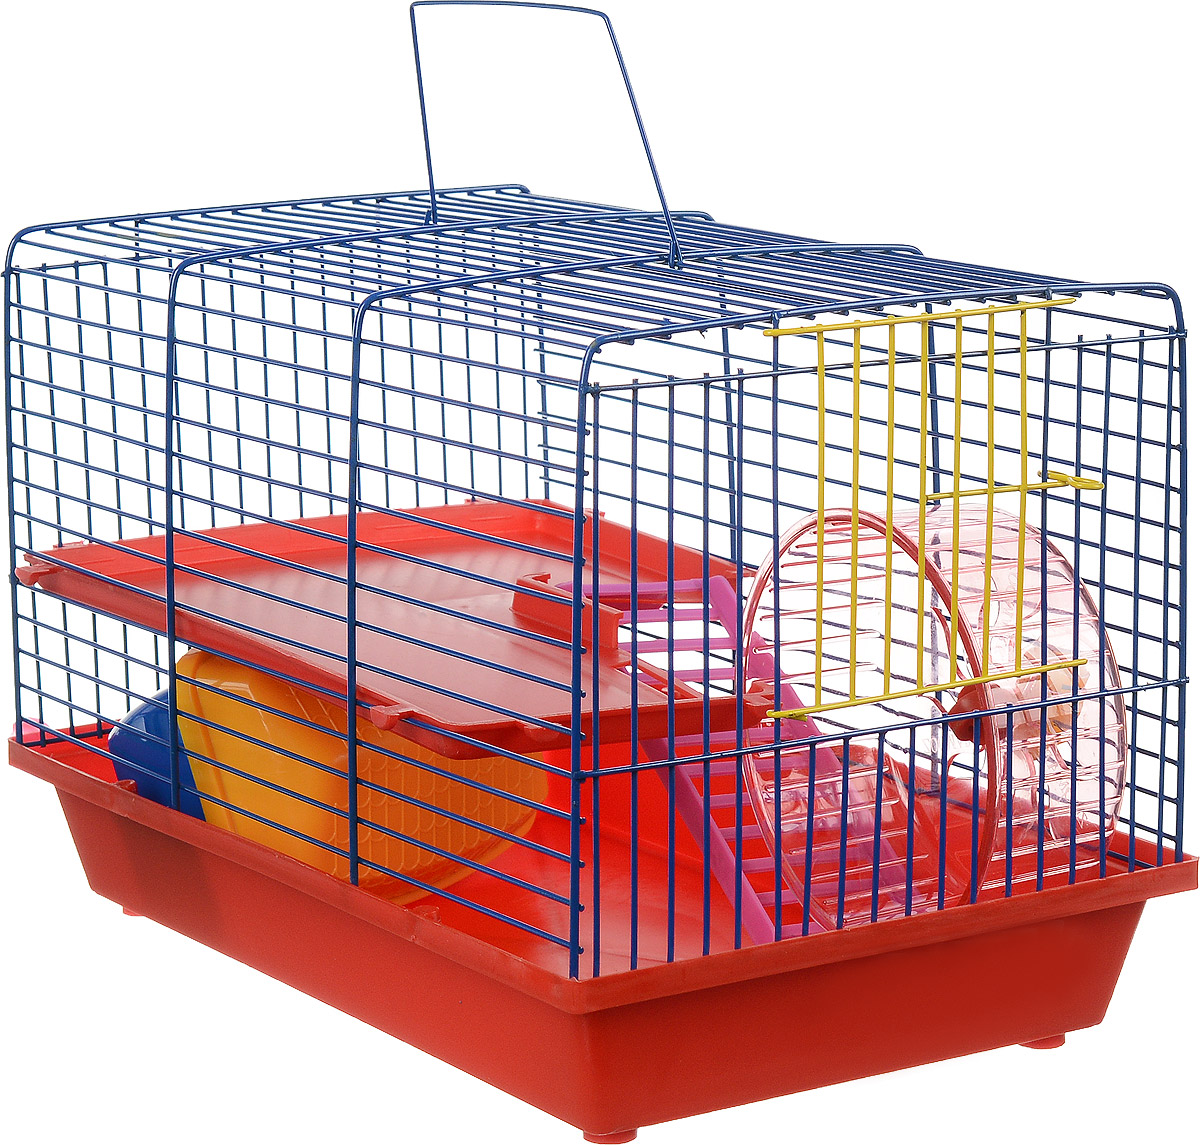 Клетка для грызунов ЗооМарк, 2-этажная, цвет: красный поддон, синяя решетка, красный этаж, 36 х 23 х 24 см125_красный, синий, красныйКлетка ЗооМарк, выполненная из полипропилена и металла, подходит для мелкихгрызунов. Изделие двухэтажное, оборудовано колесом для подвижных игр и пластиковым домиком. Клетка имеет яркий поддон, удобна в использовании и легко чистится. Сверху имеется ручка для переноски.Такая клетка станет уединенным личным пространством и уютным домиком для маленького грызуна.